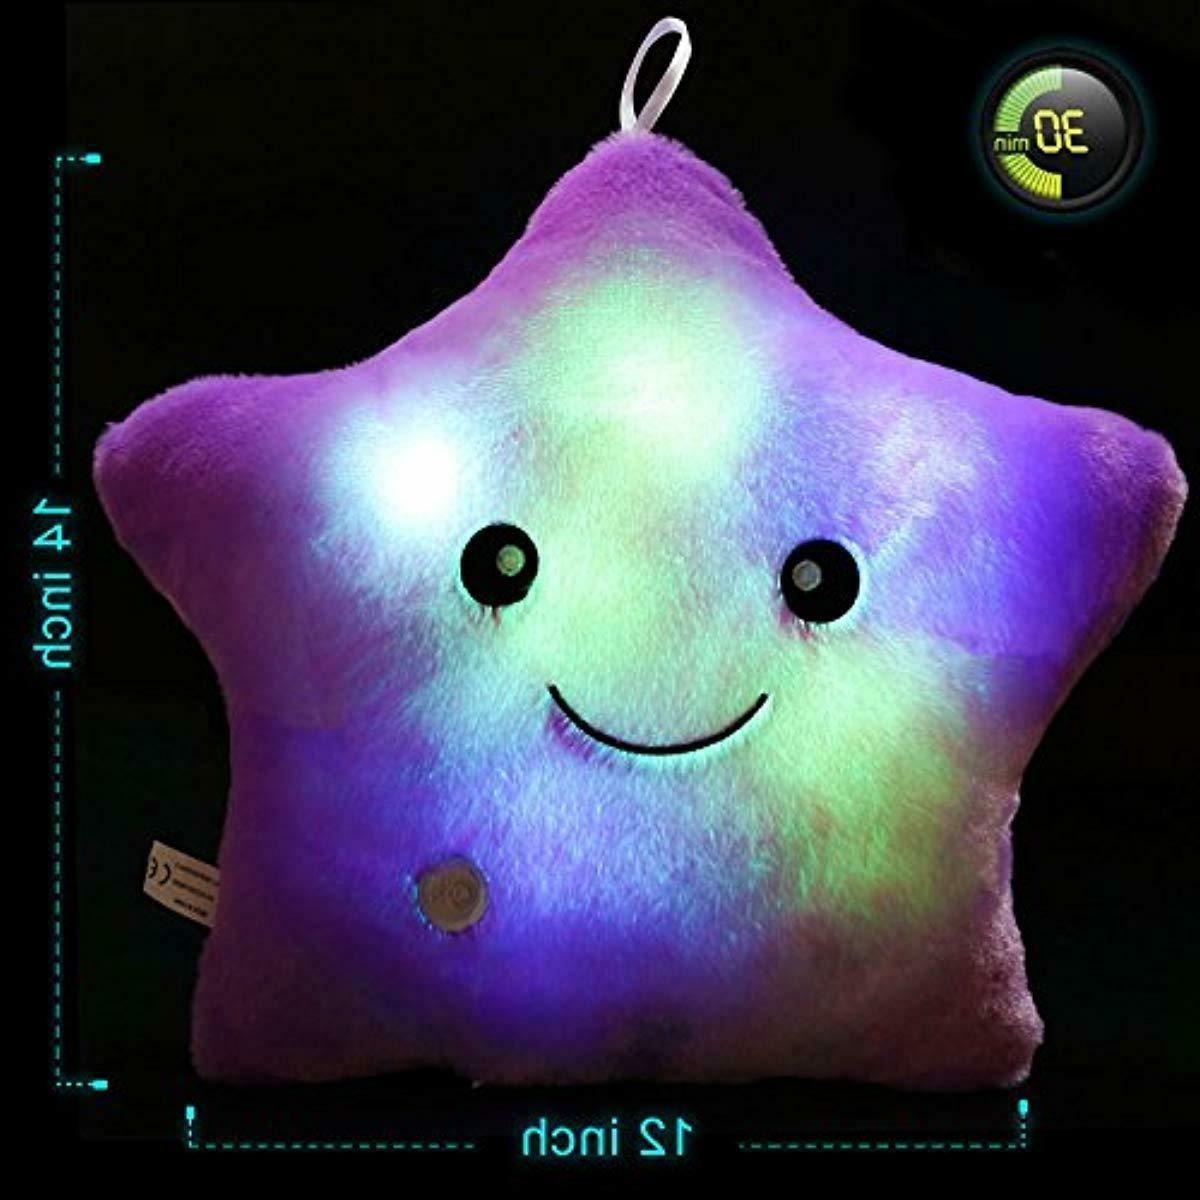 WEWILL Glowing LED Night Plush Stuffed